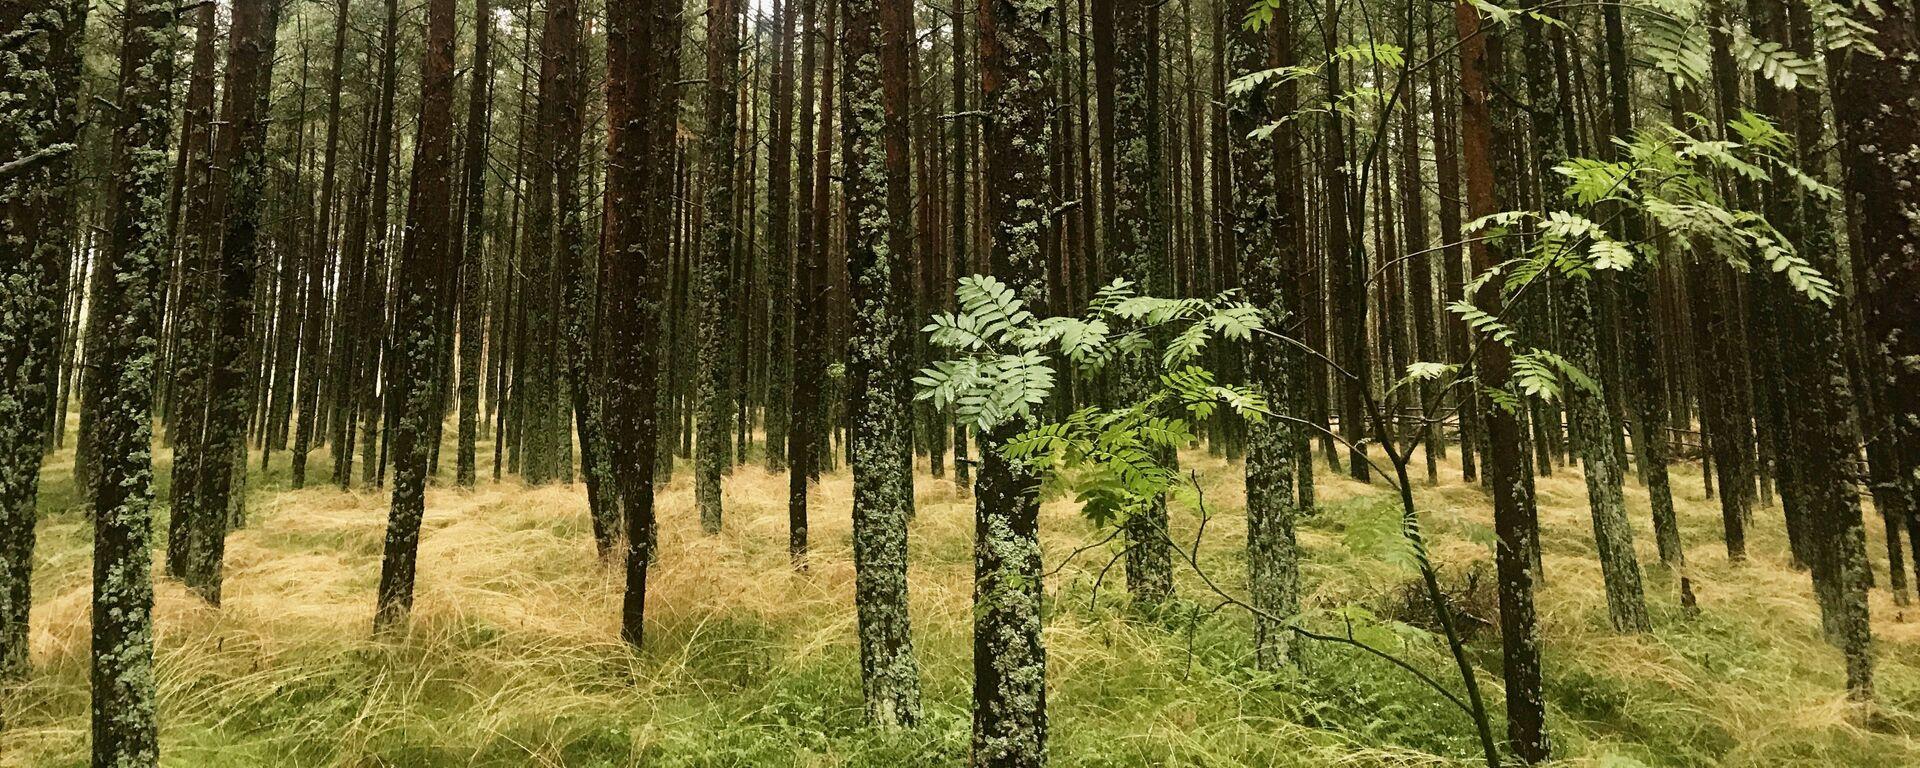 Los bosques del Parque Natural del Istmo de Curlandia son Patrimonio de la Unesco - Sputnik Mundo, 1920, 16.03.2021